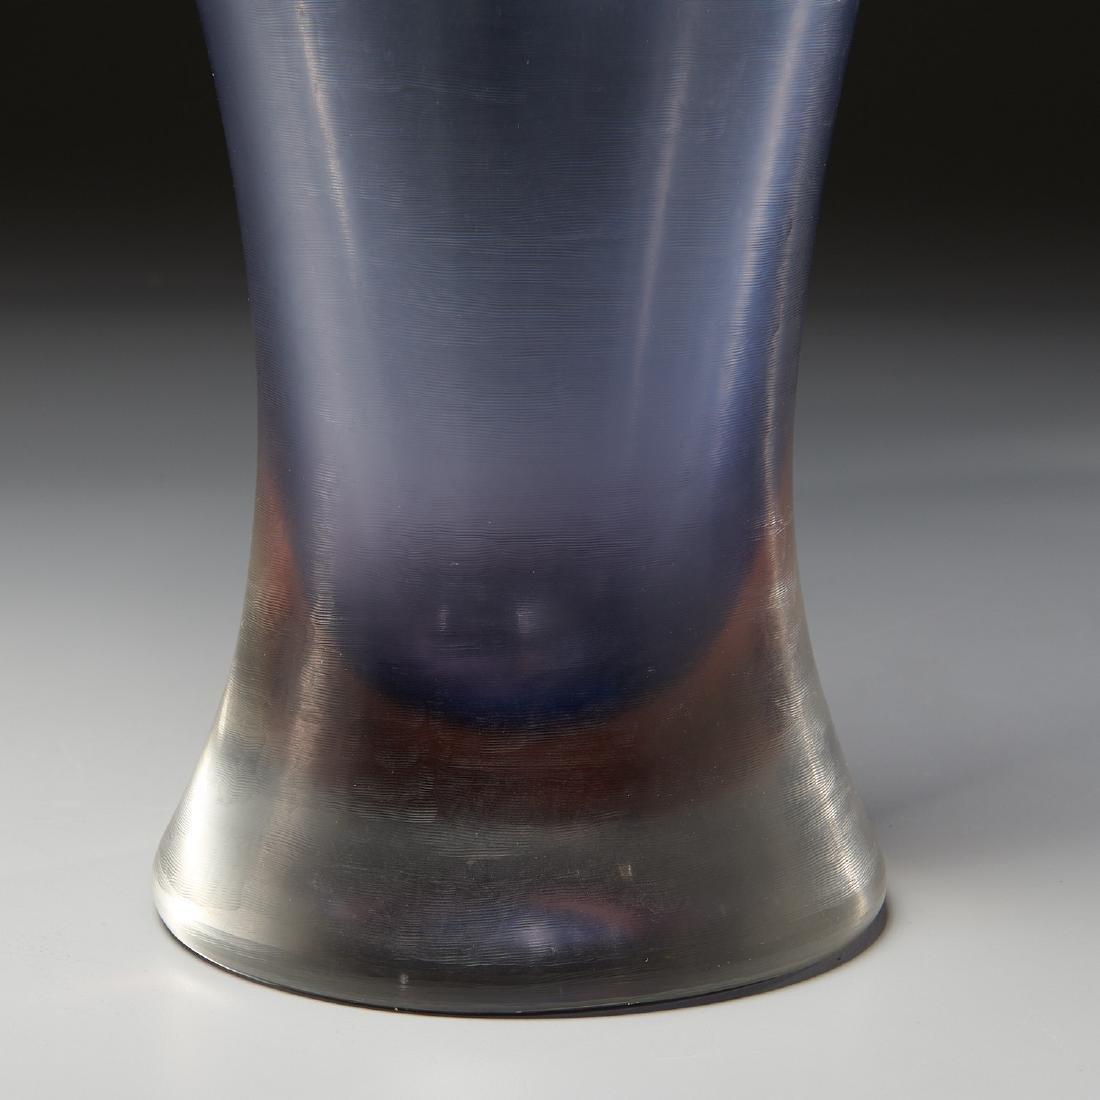 Paolo Venini monumental Inciso vase - 2